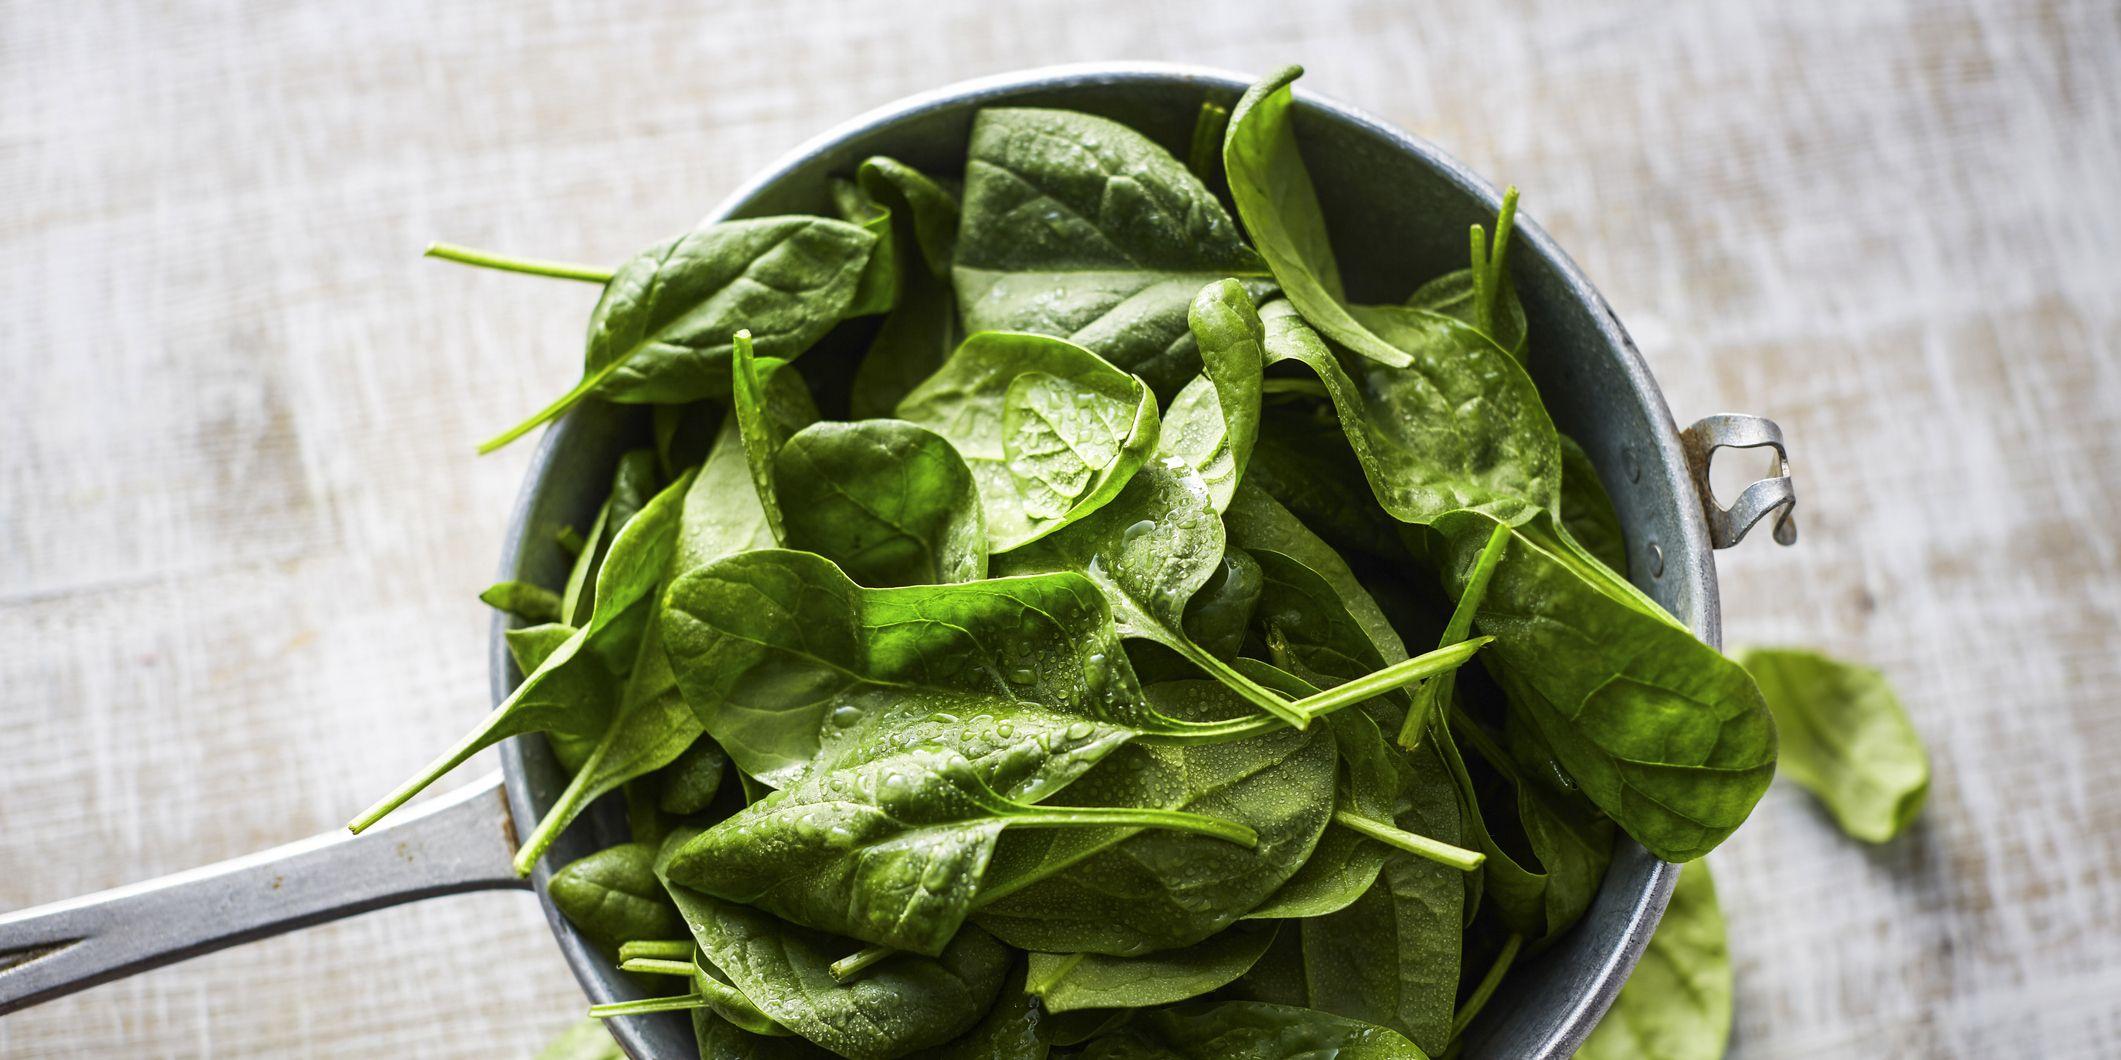 Assaporare le mille proprietà degli spinaci freschi o surgelati con queste 23 ricette stuzzicanti è doveroso